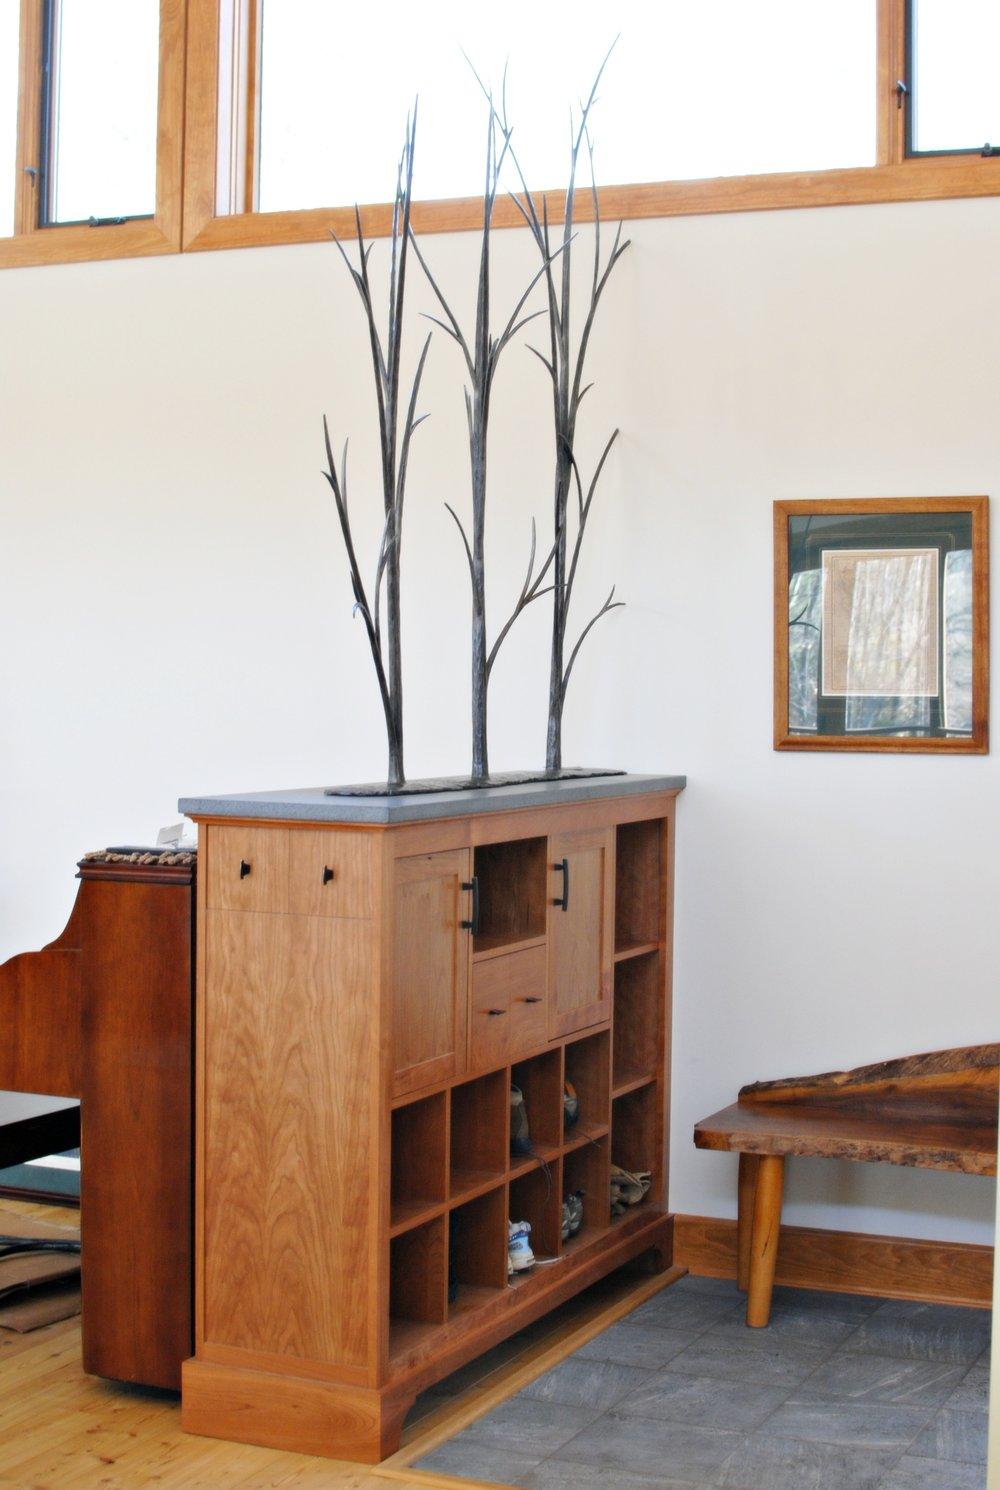 Woodlands forged steel room divider